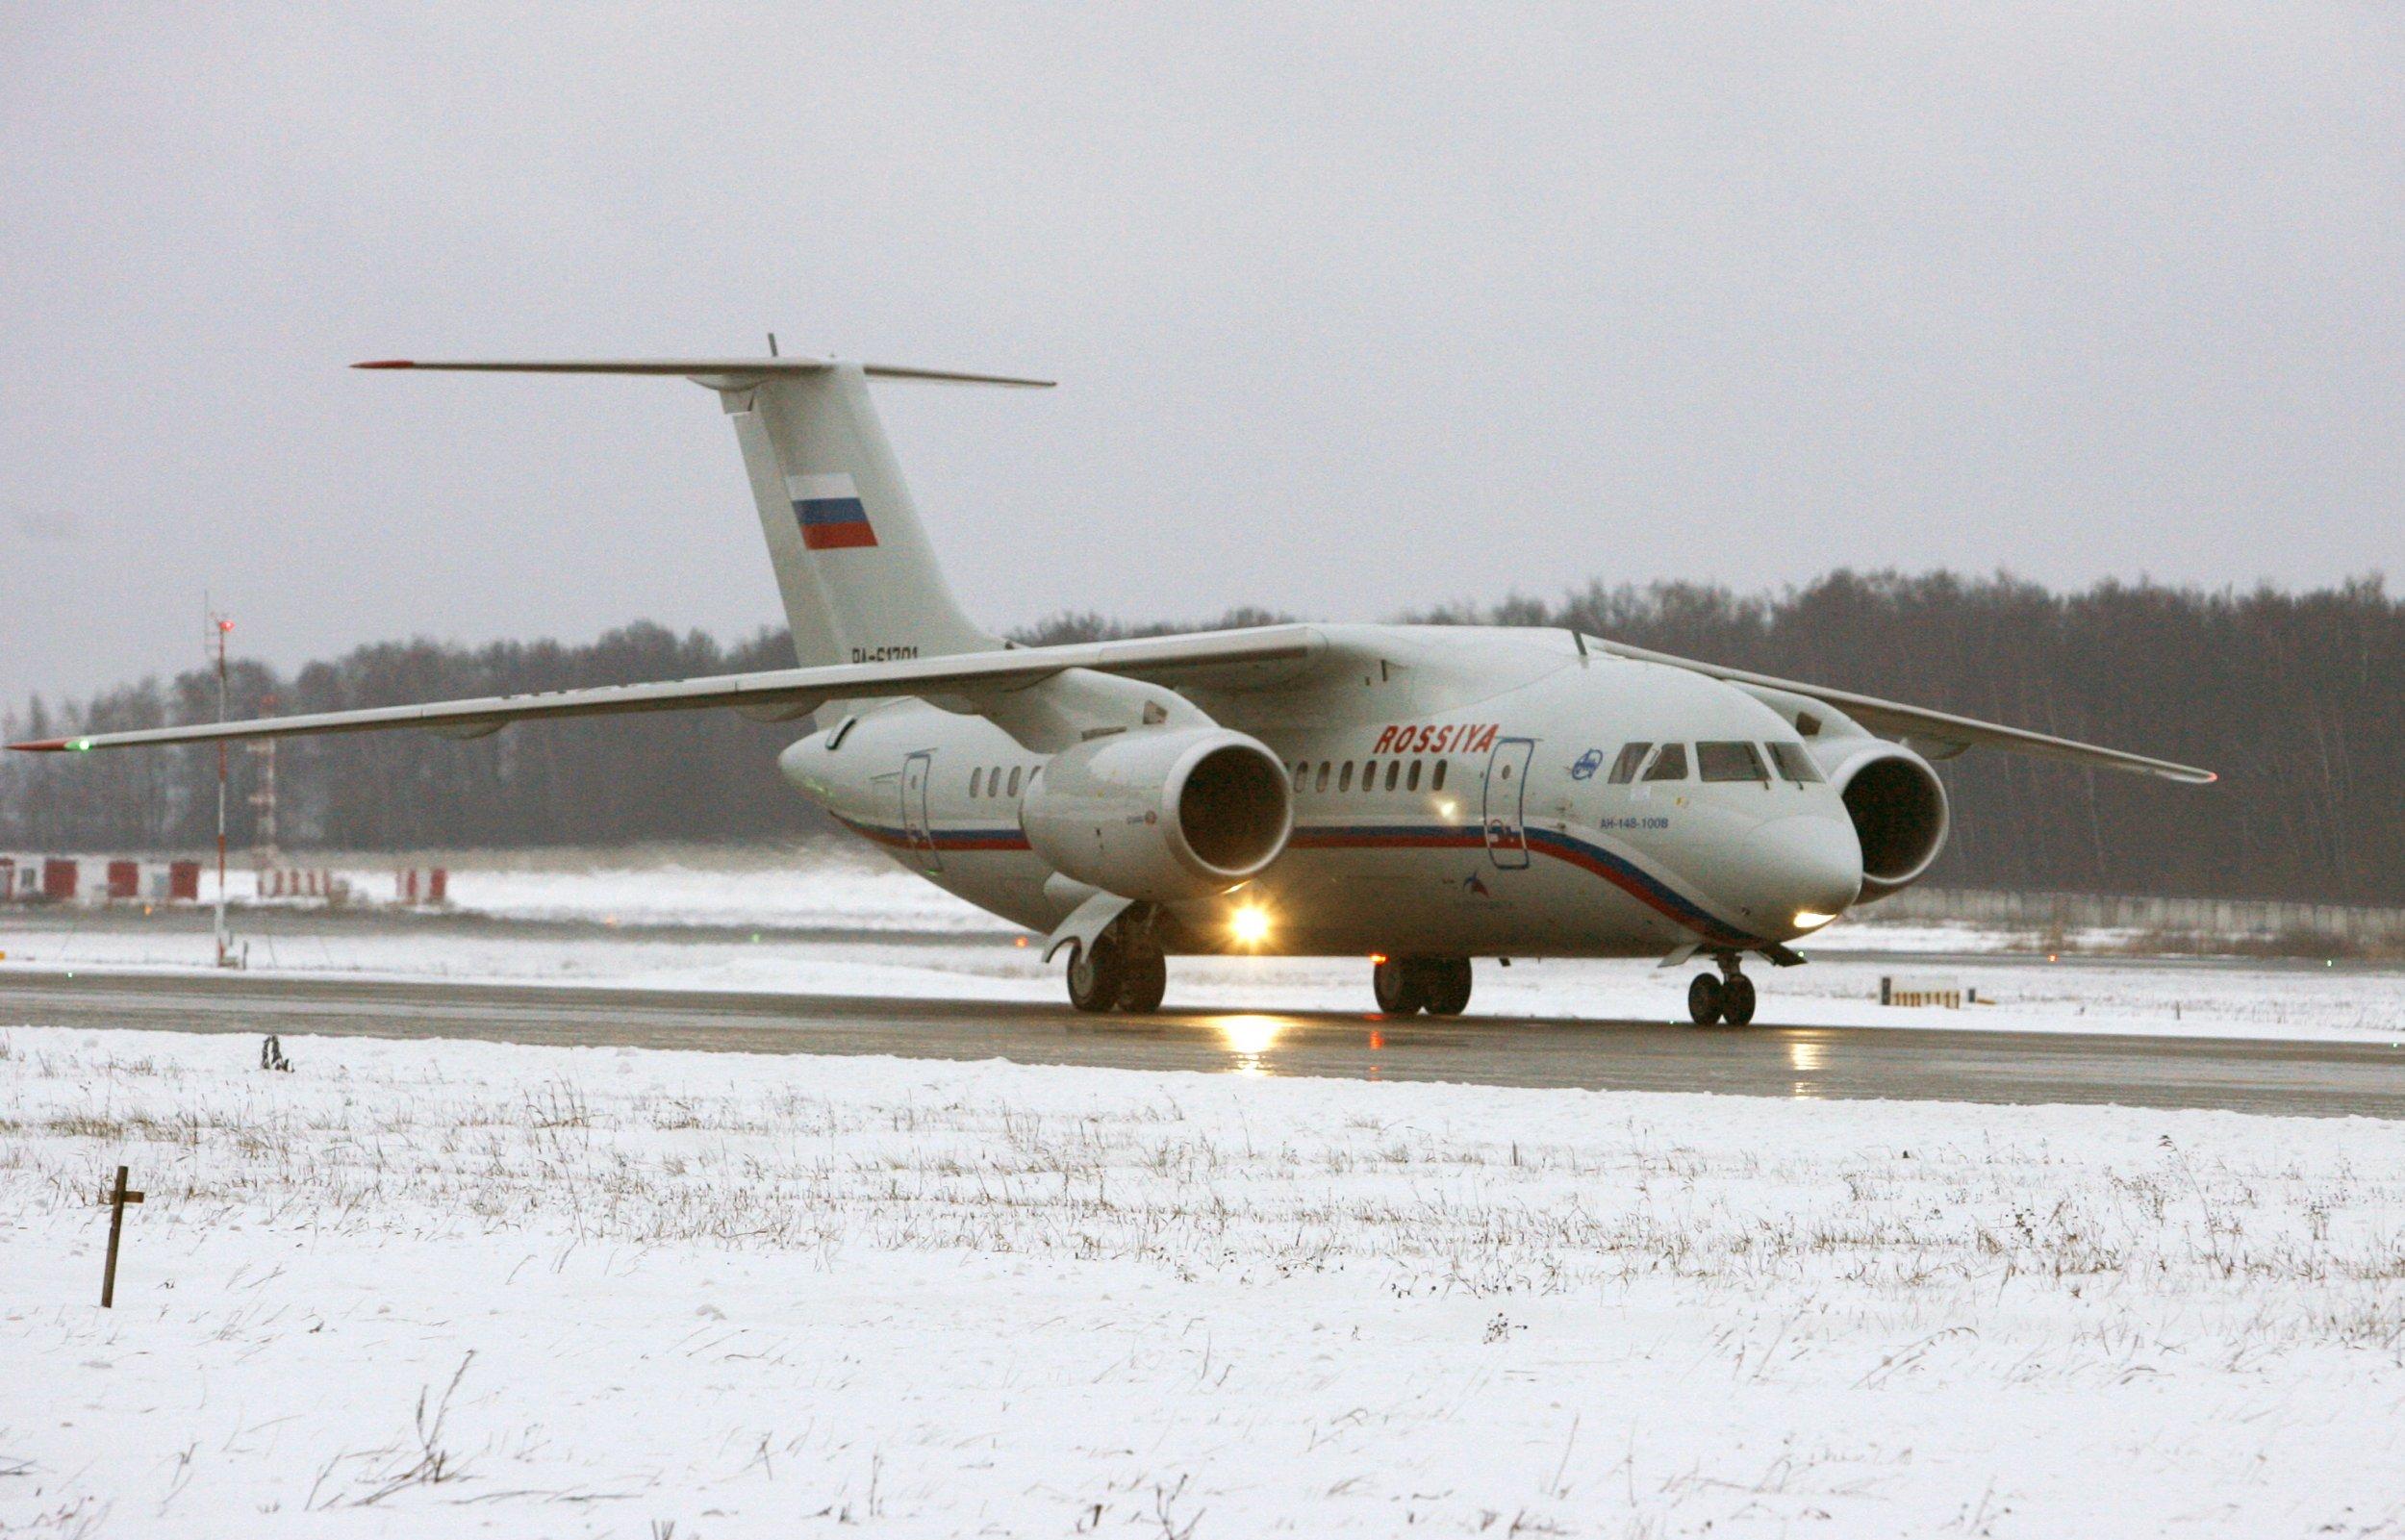 Russian an-148